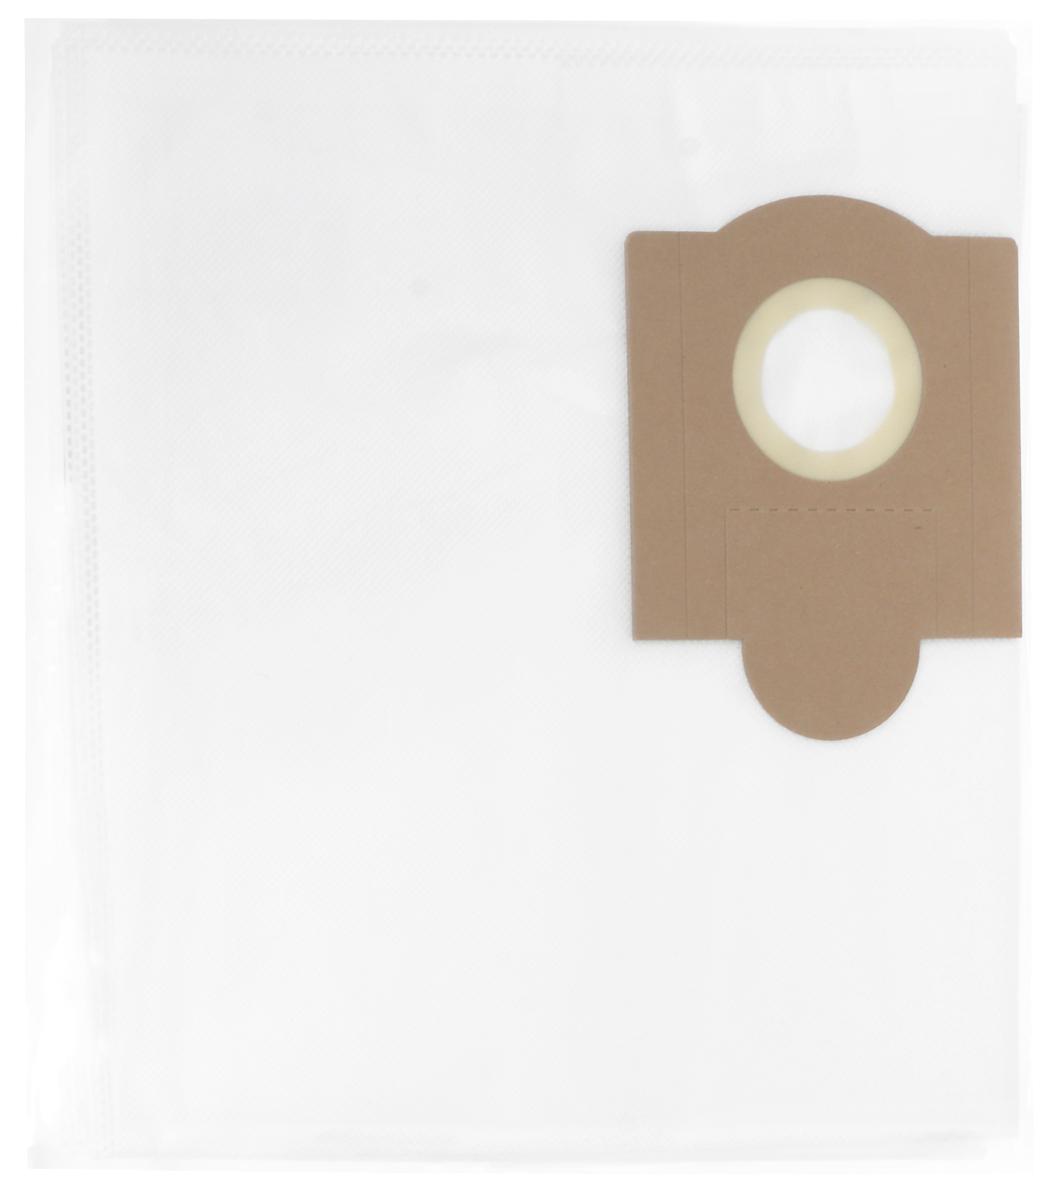 Filtero KRS 30 Pro комплект пылесборников для промышленных пылесосов, 5 шт